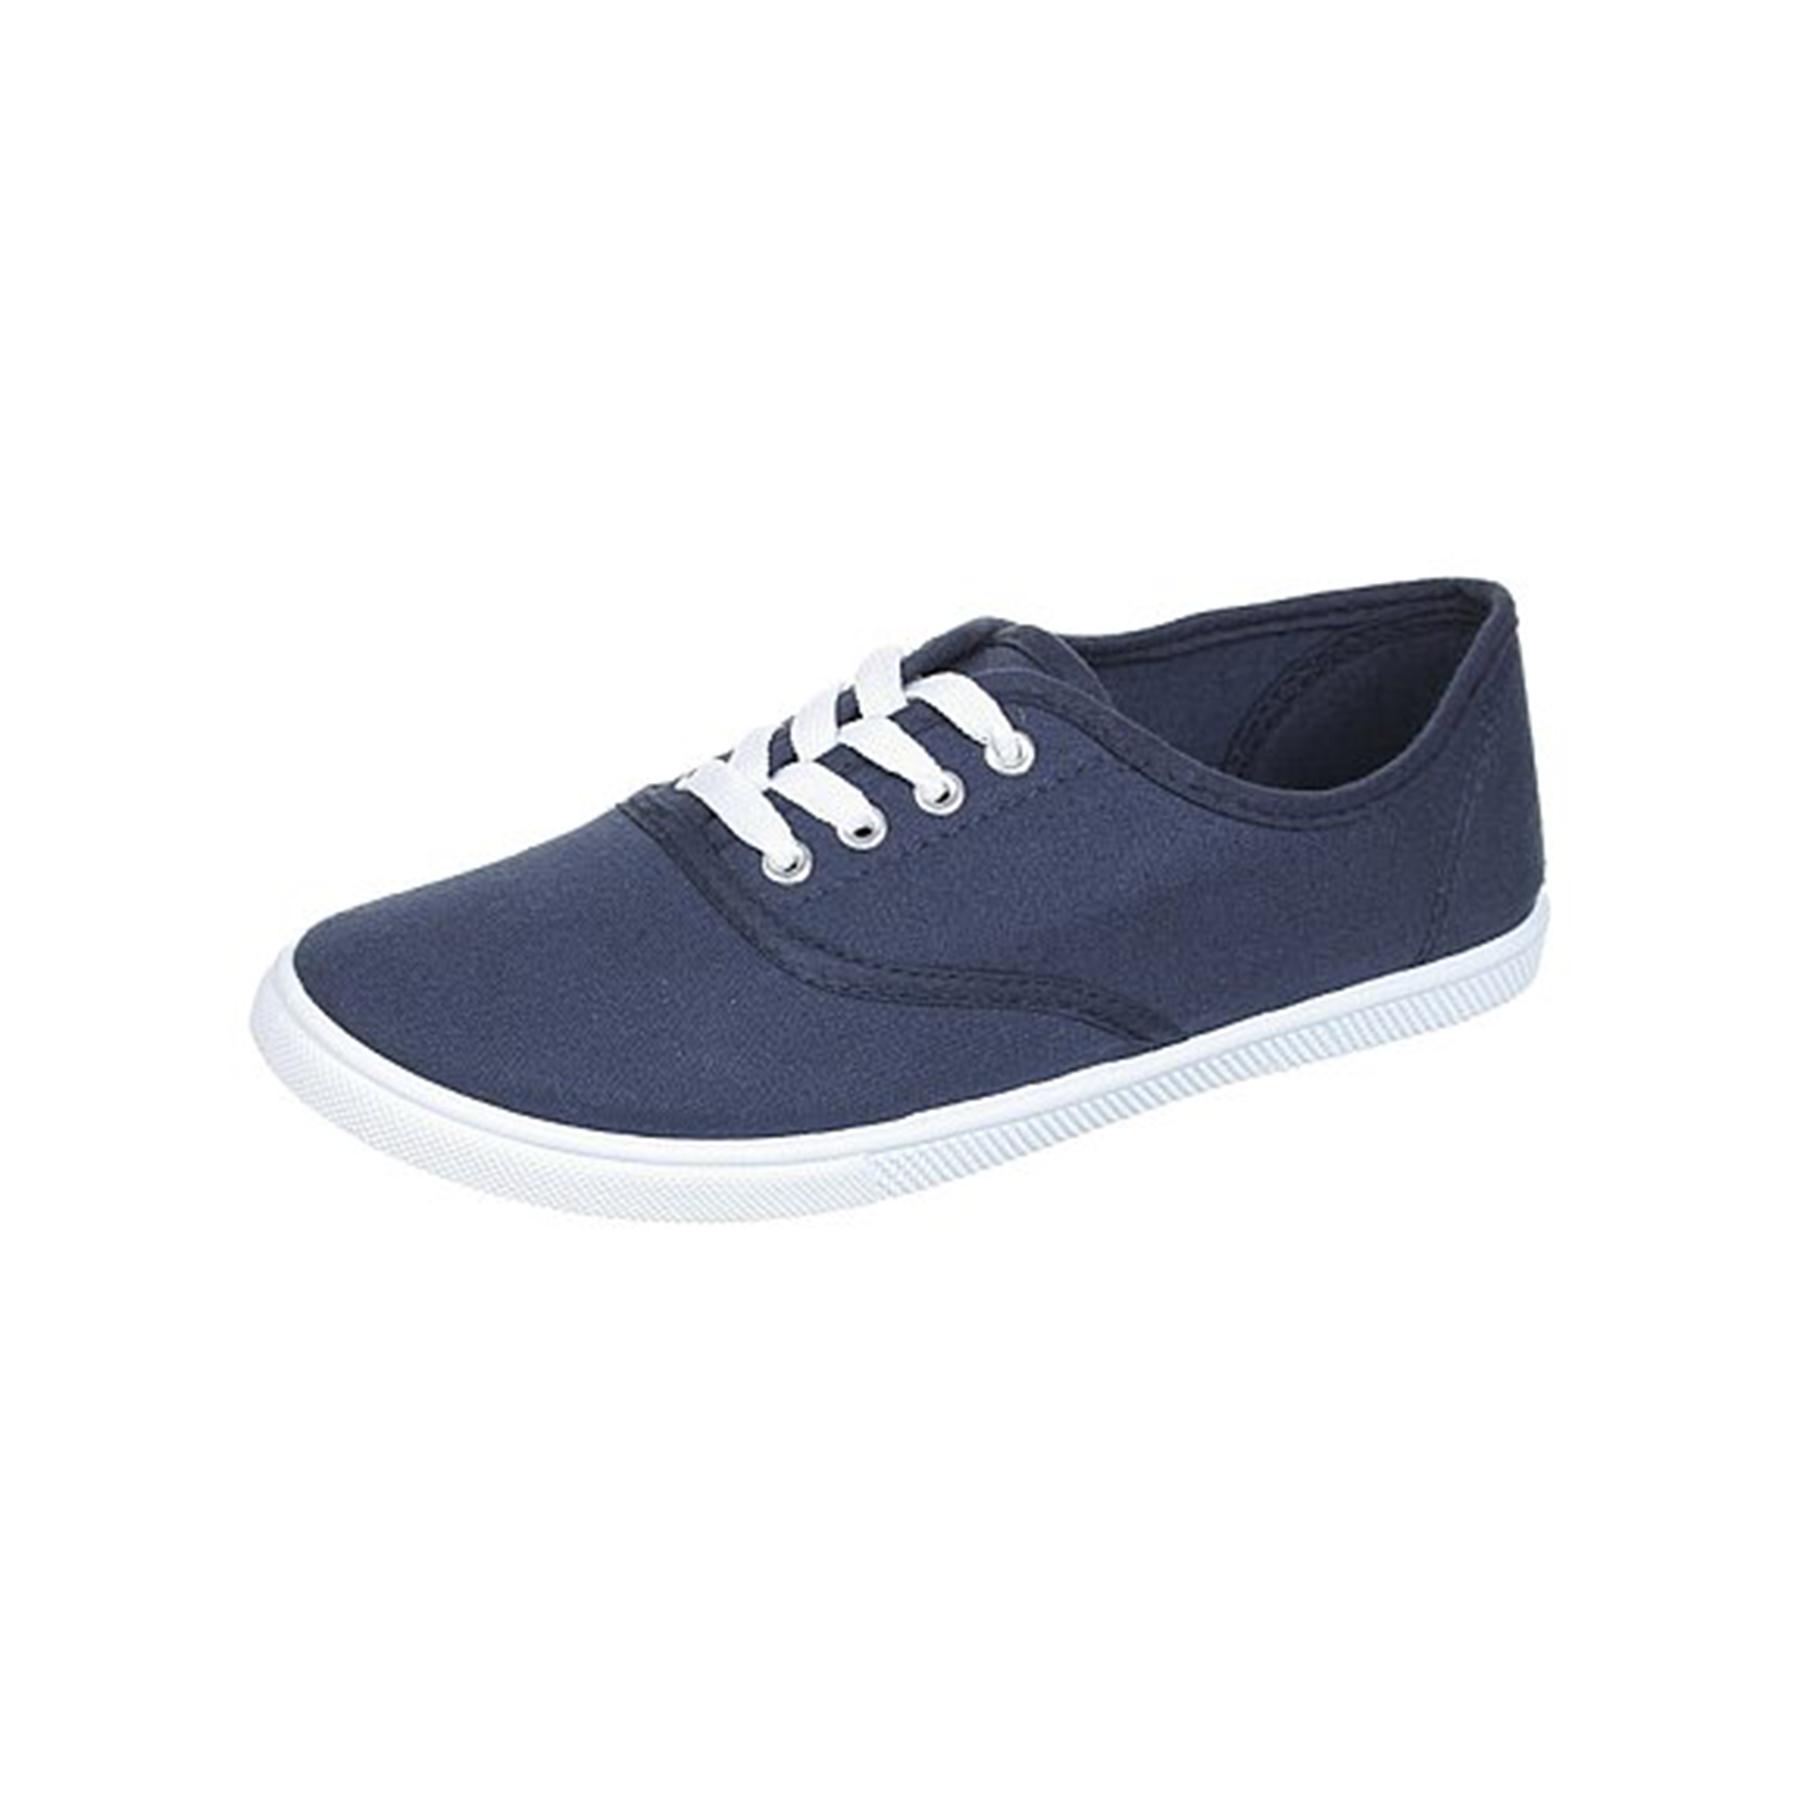 Обувь женская Trien LGC 9104 синий р. 39